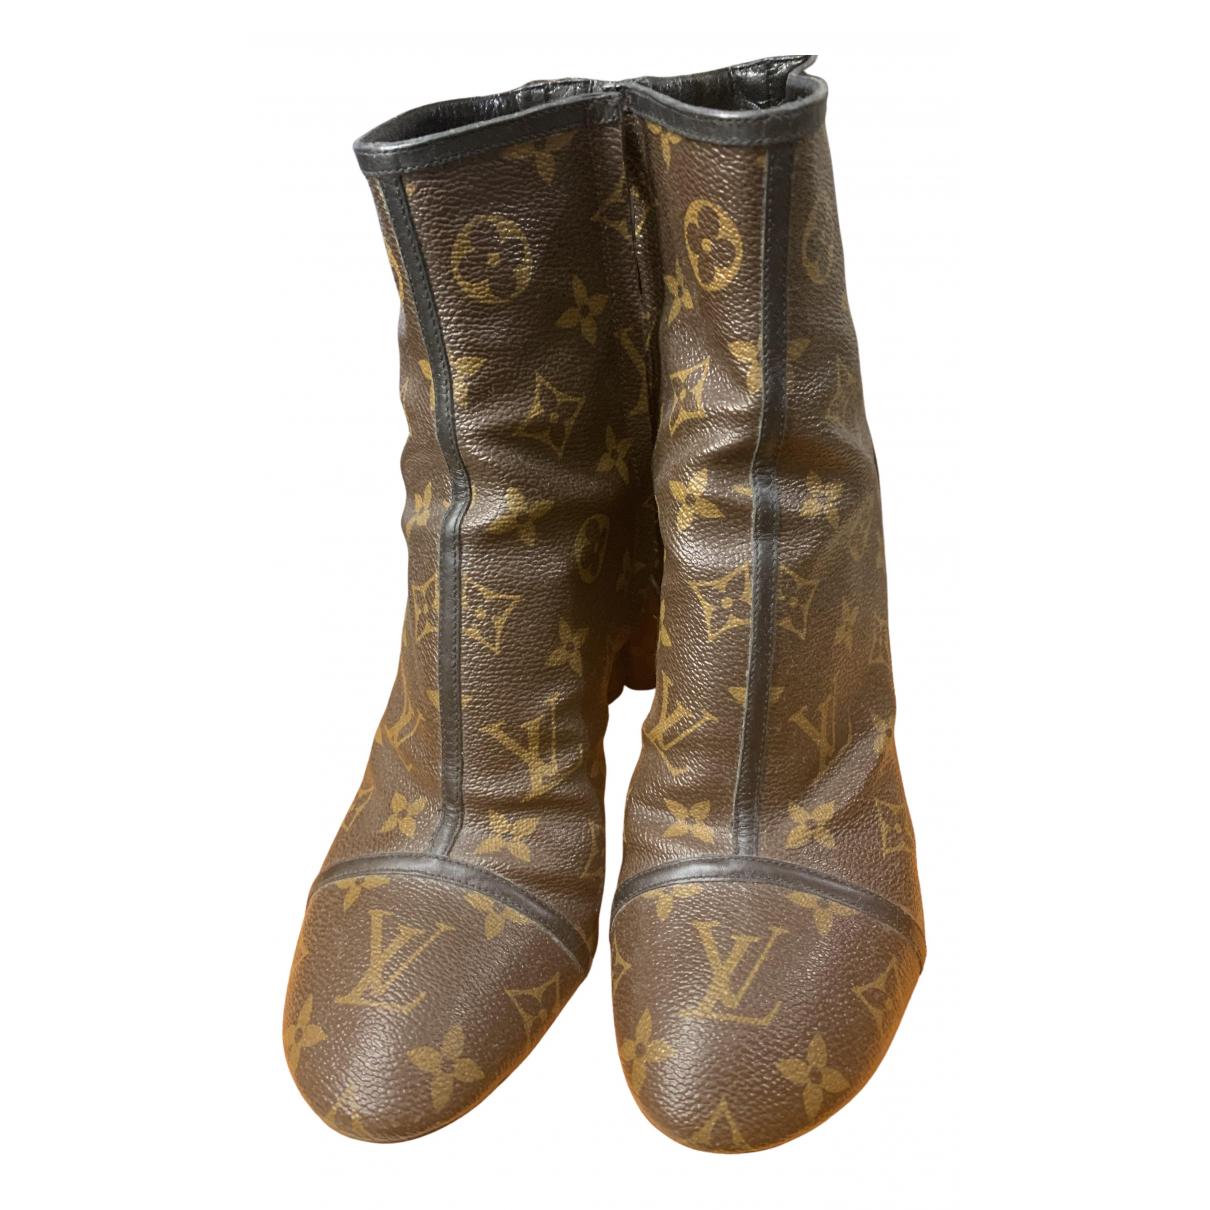 Louis Vuitton - Boots Silhouette pour femme en cuir - marron